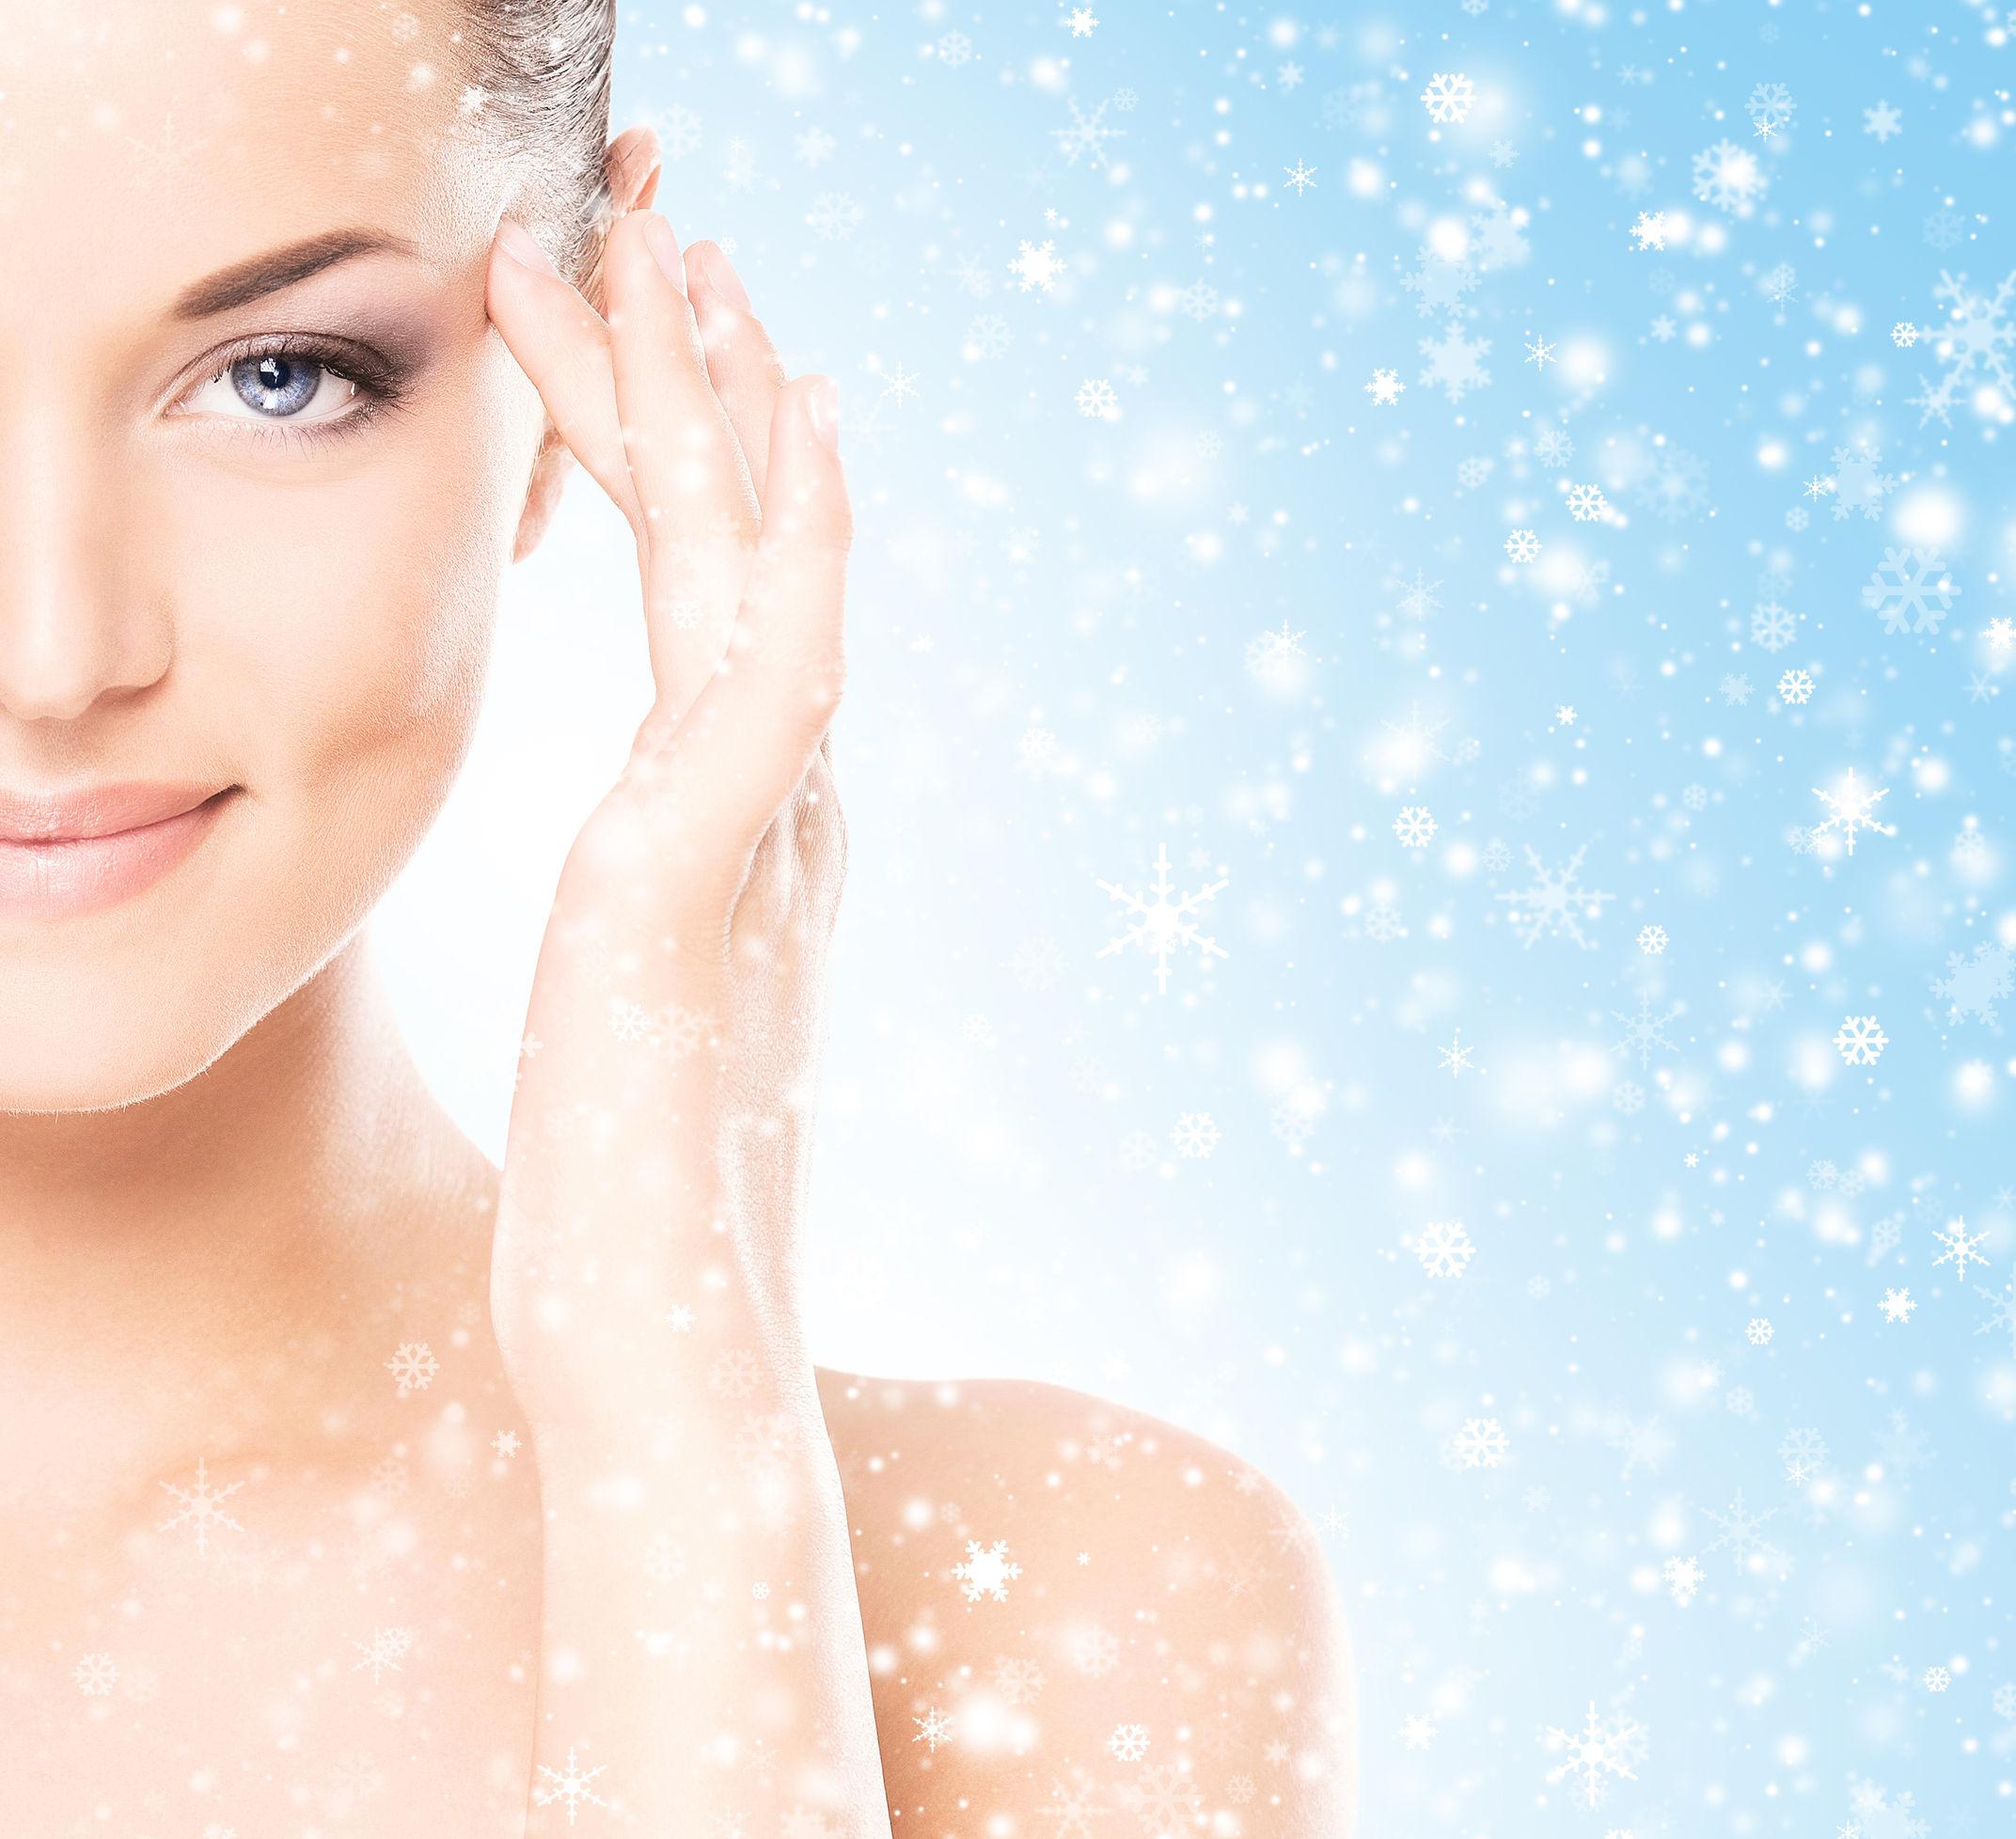 כיצד לחץ וחרדה משפיעים  על עור הפנים?